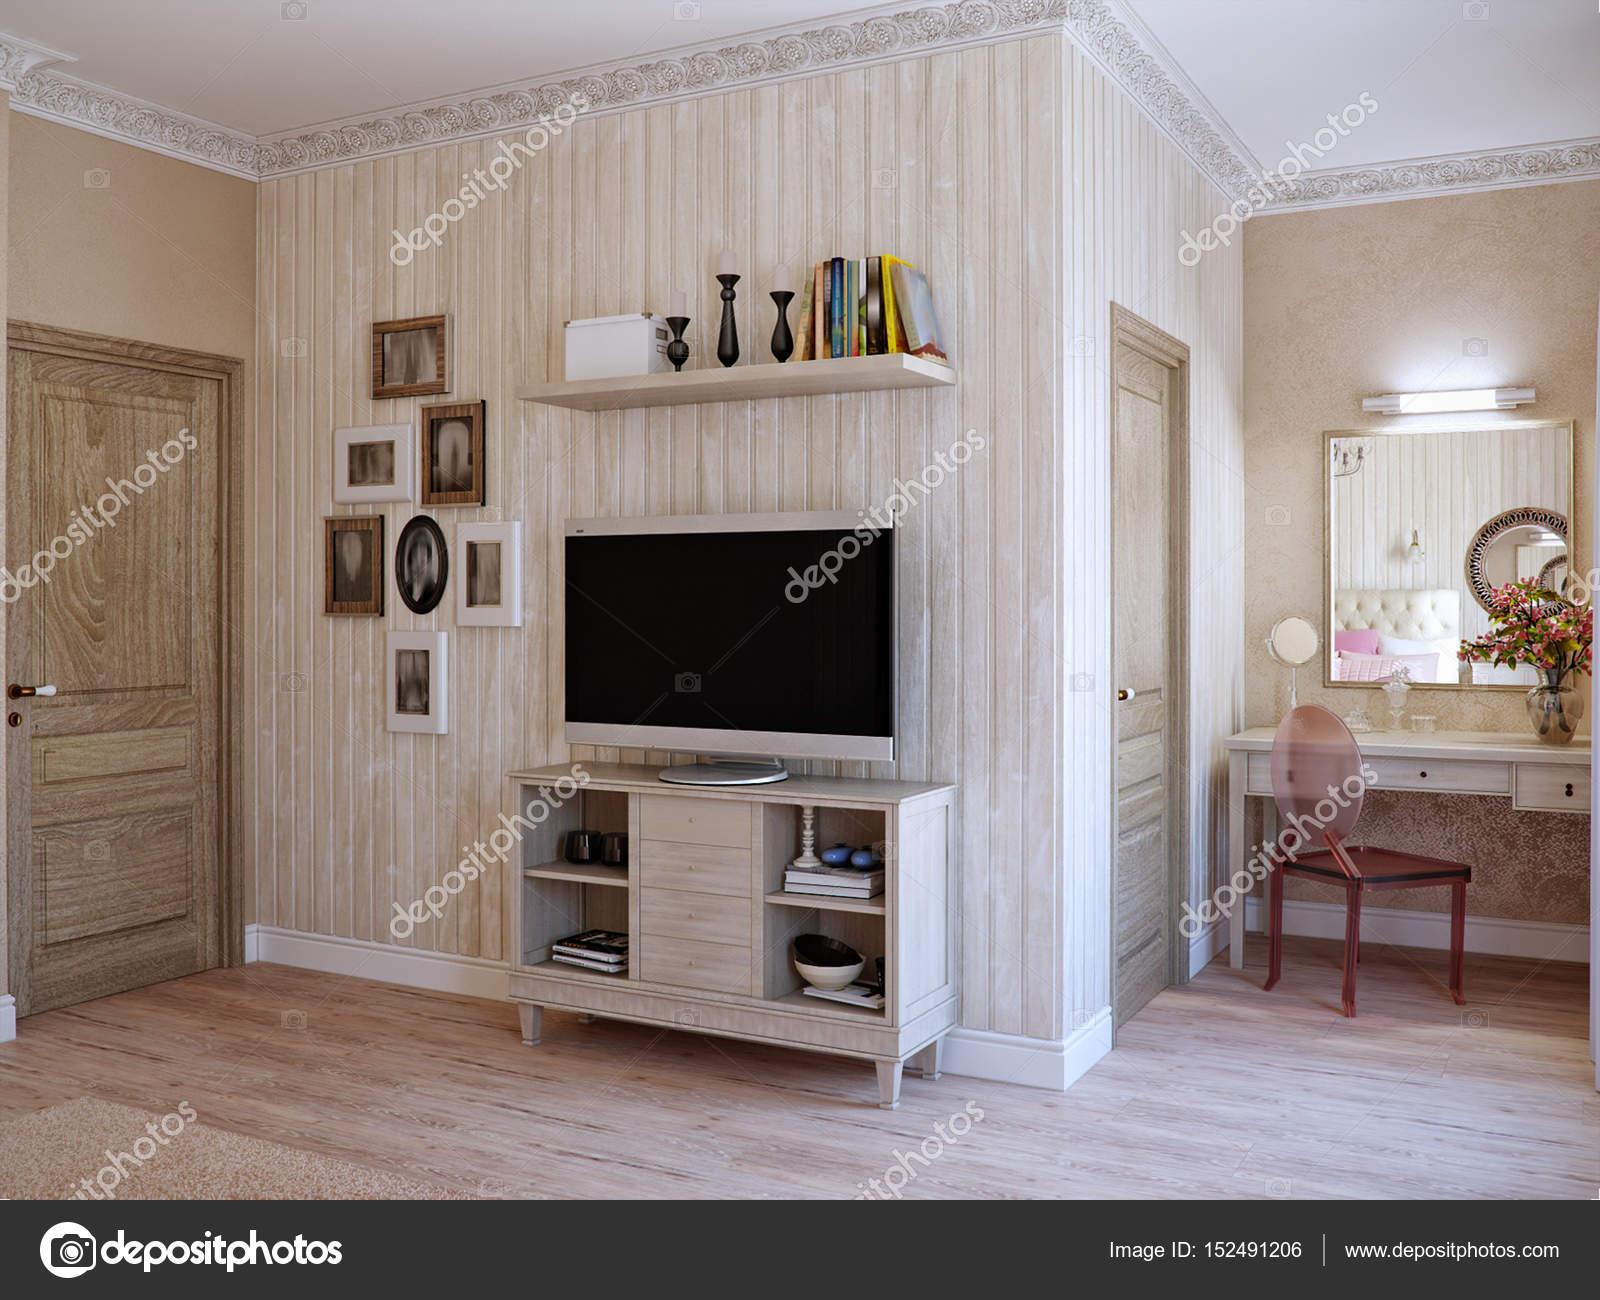 Camera da letto rustica tradizionale classico moderno - Camera da letto rustica moderna ...